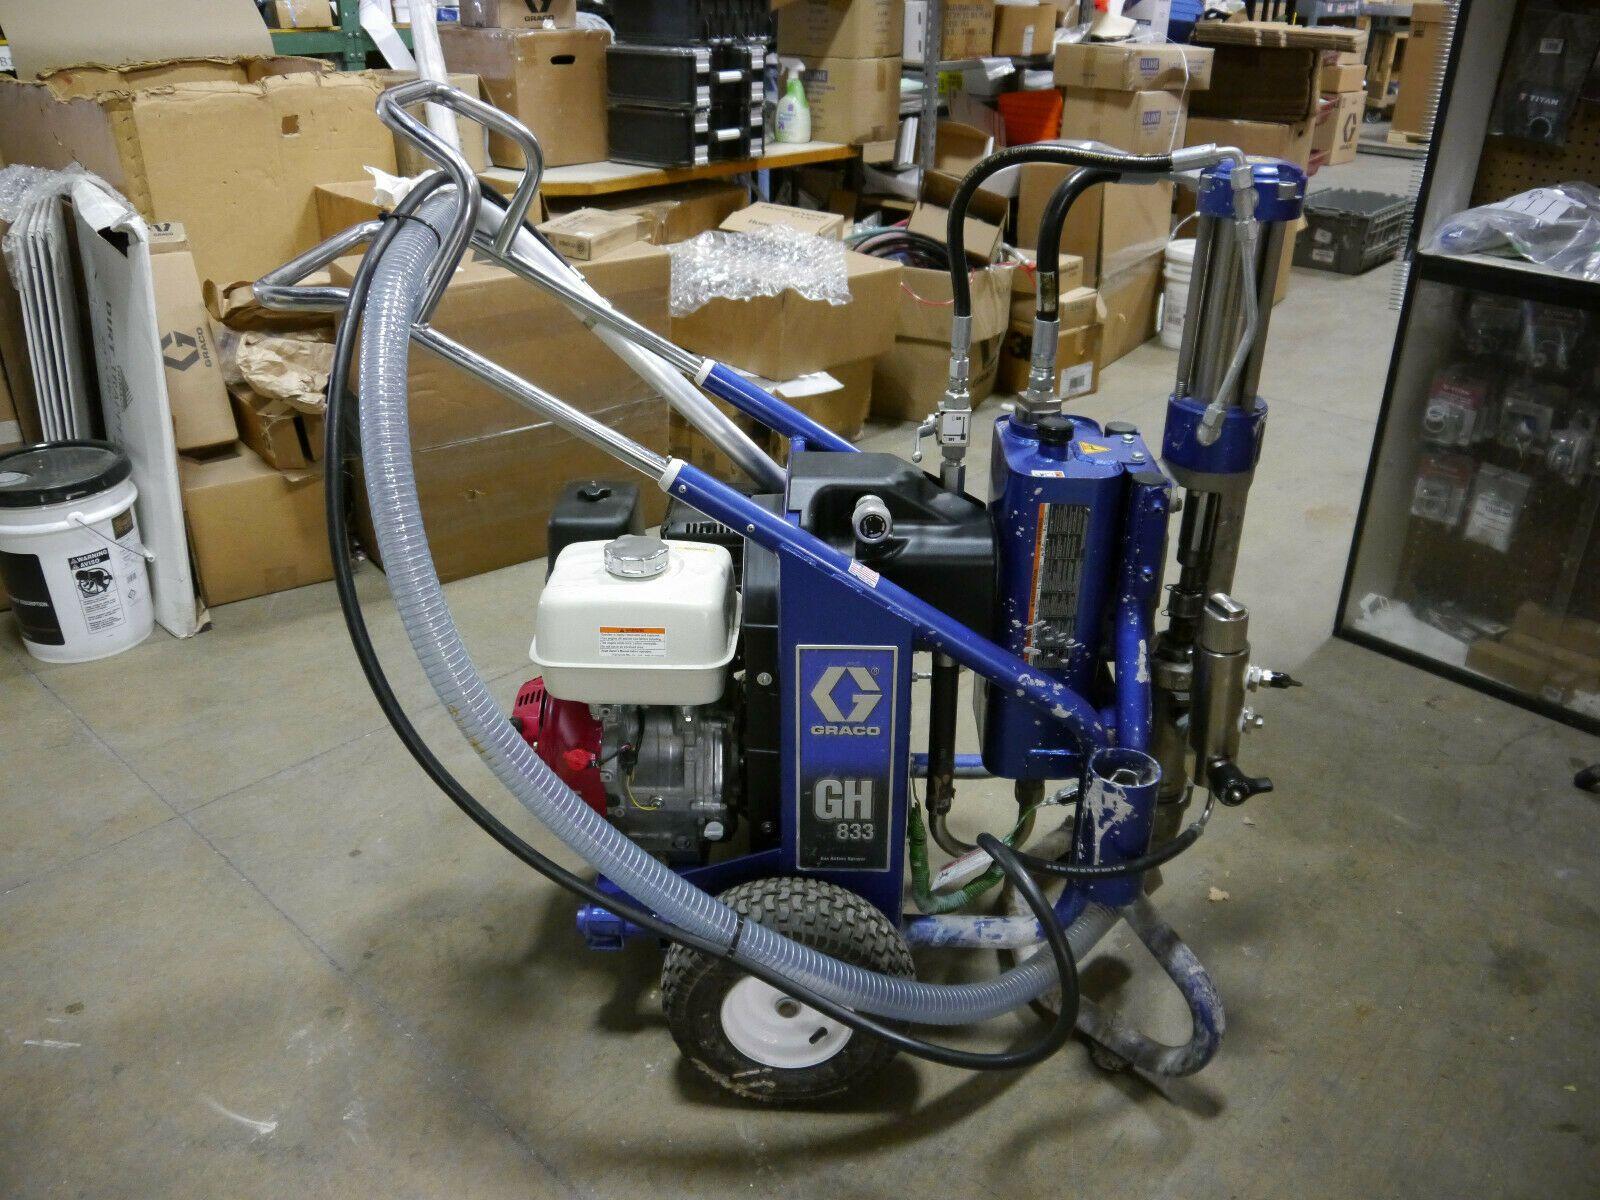 Graco Gh 833 Gas Hydraulic Sprayer Bare 249318 Pull Start Gh833 B Condition 5849 00 Graco Ideas Of Graco Graco In 2020 Graco Sprayers Hydraulic